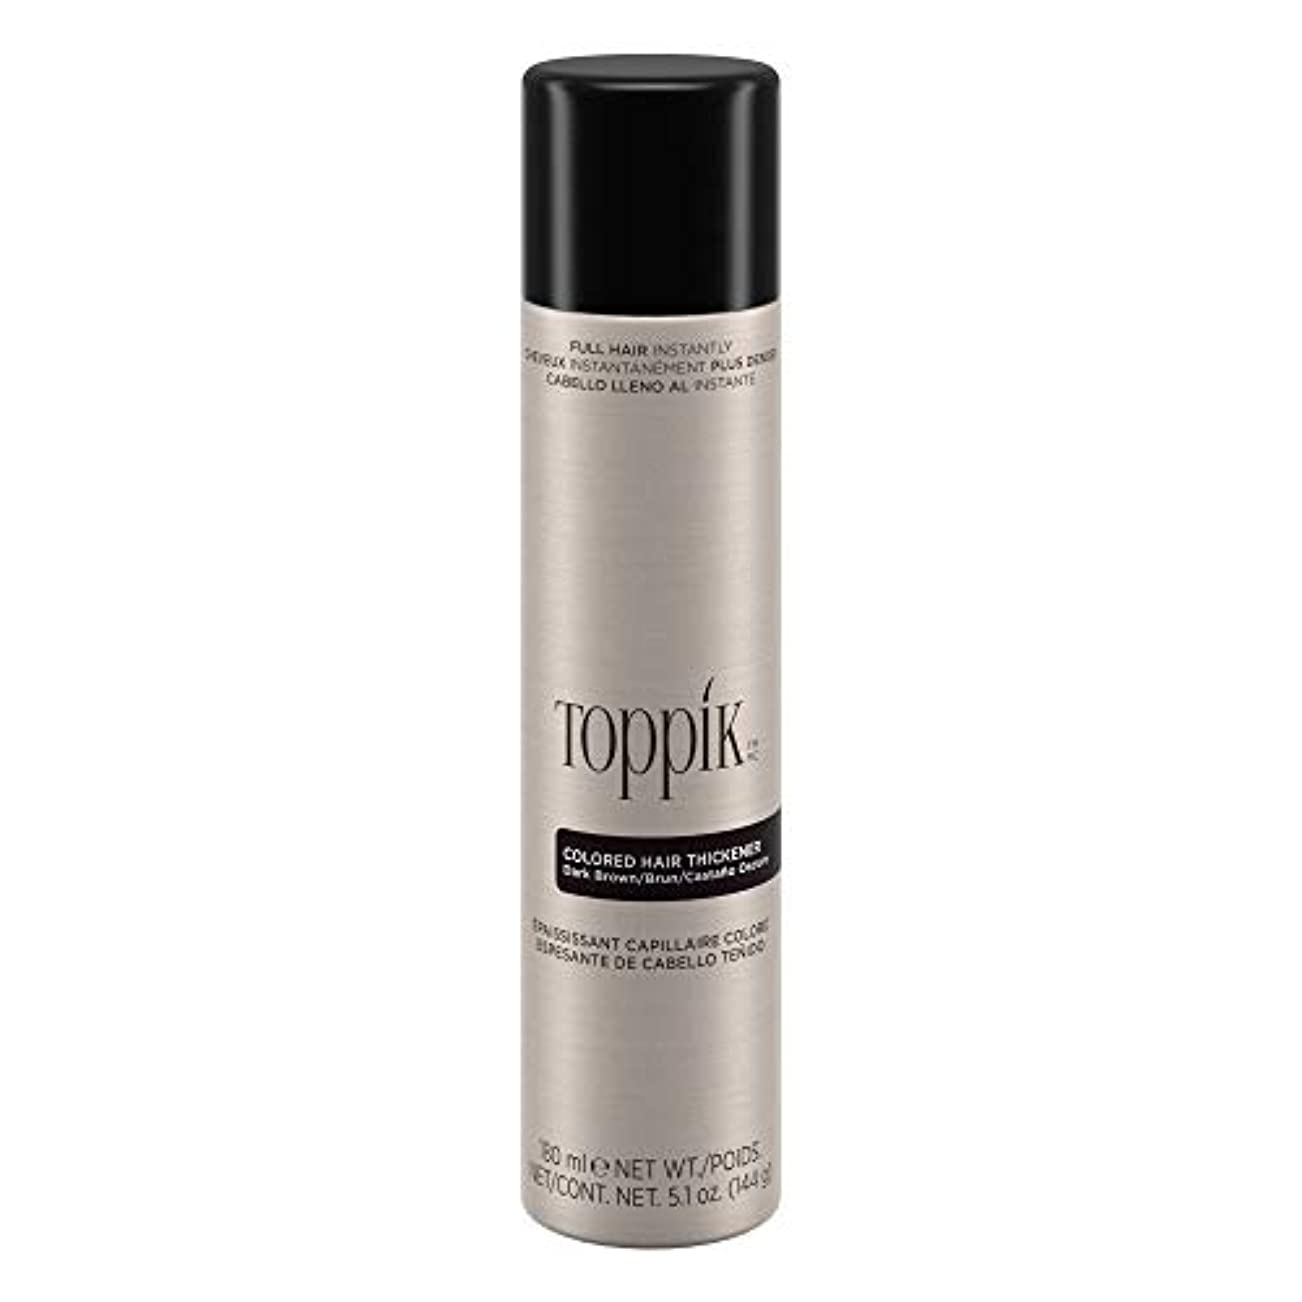 変色する細分化する千TOPPIK 色の髪増粘剤、5.1オンス ダークブラウン